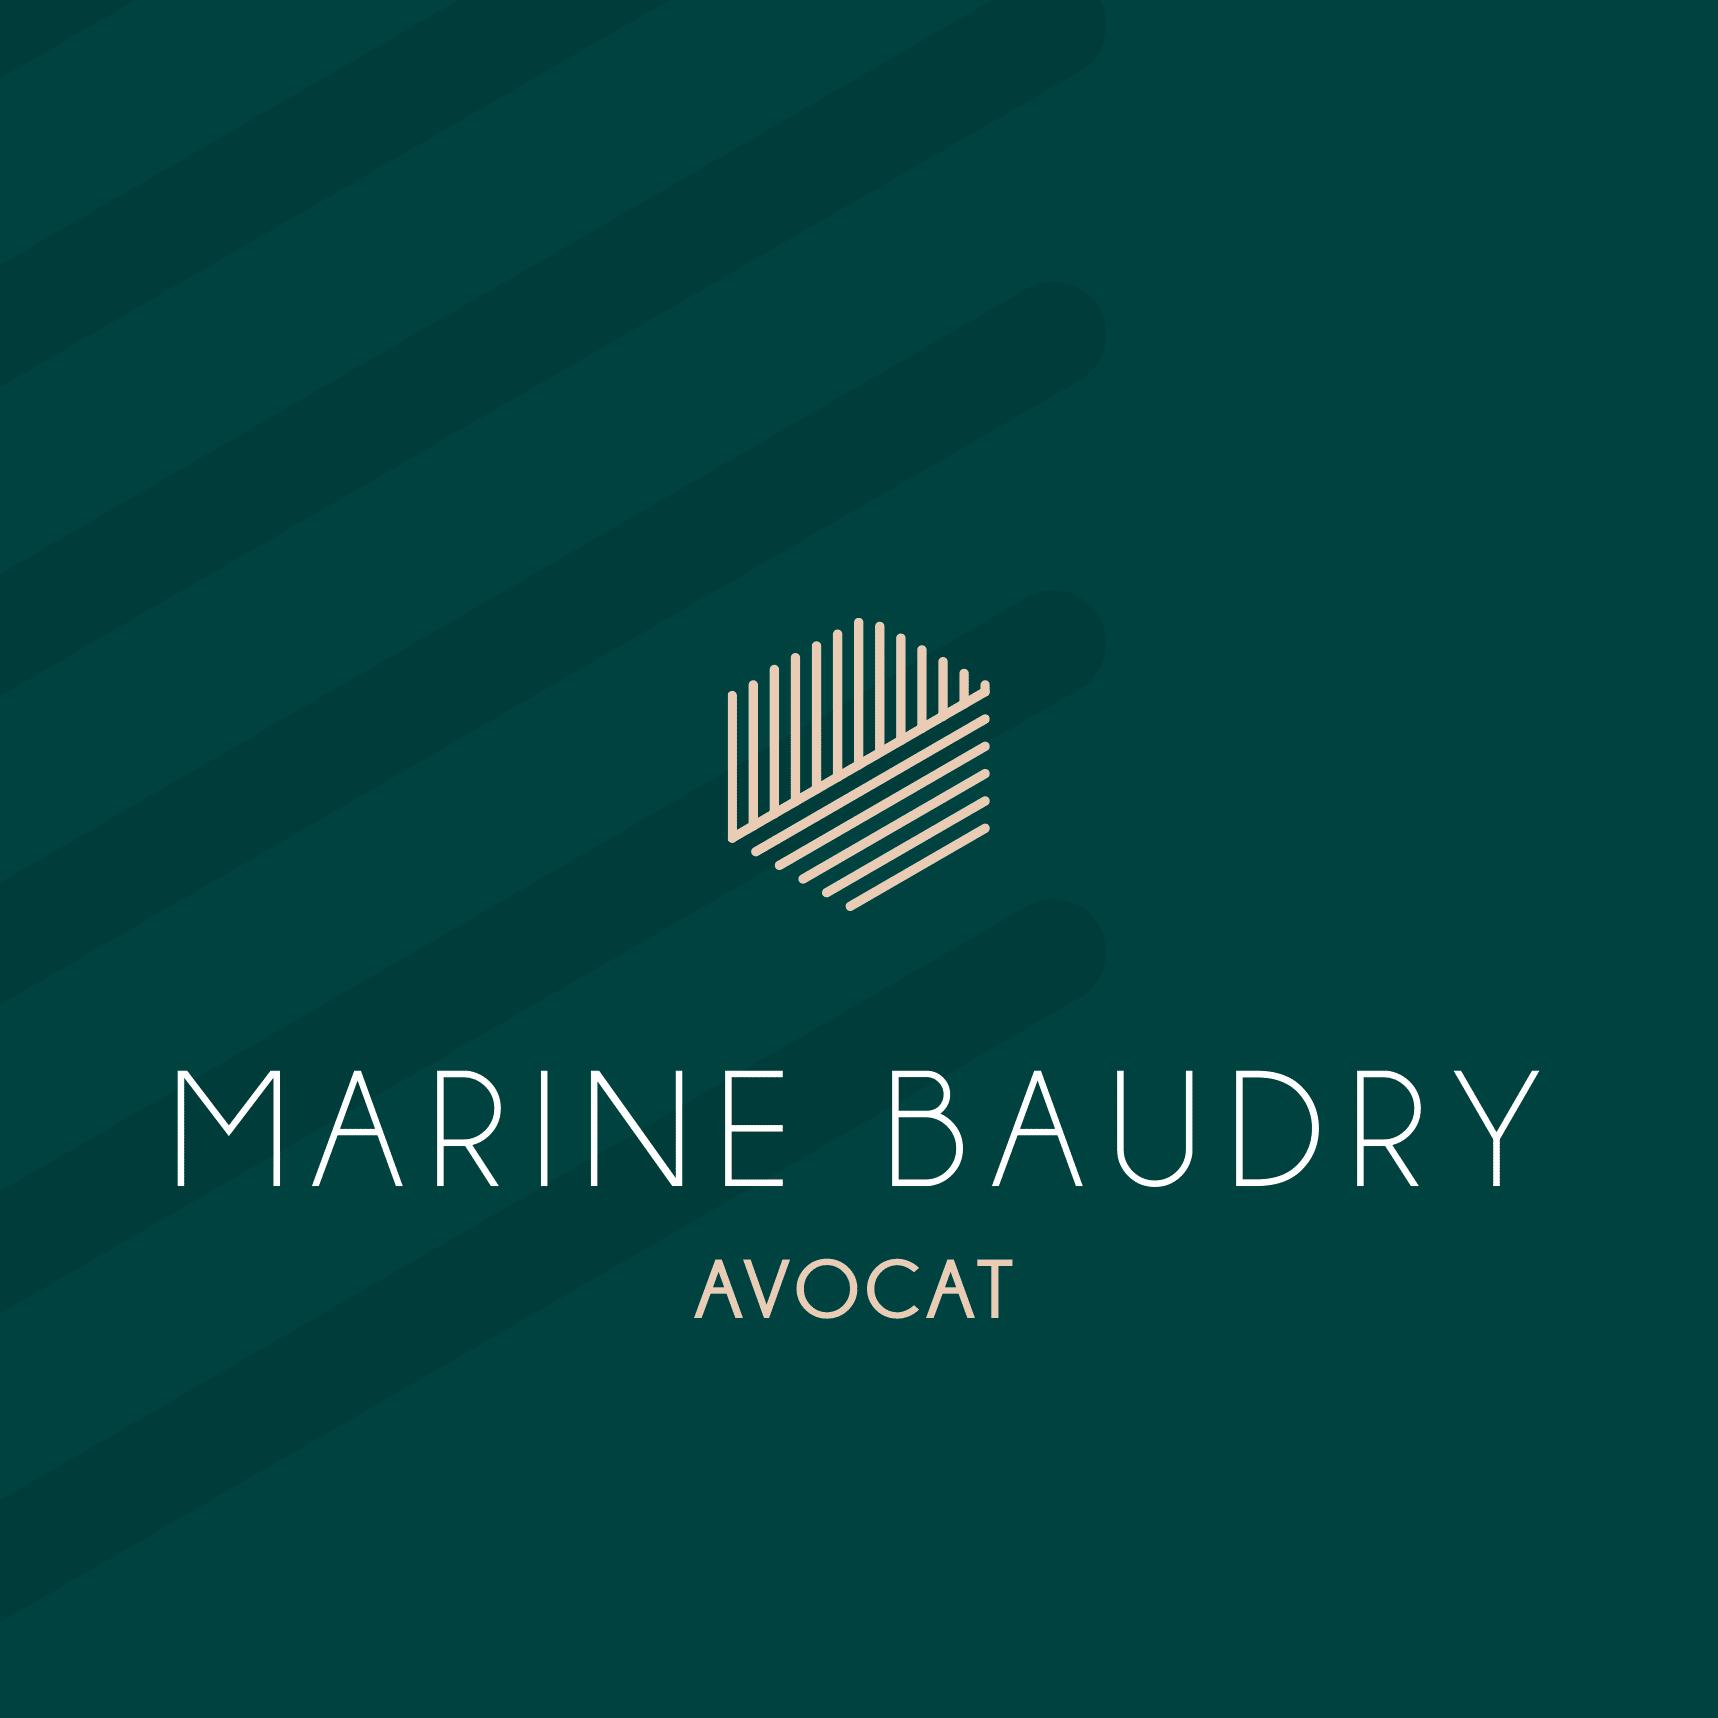 https://www.saveur-et-fraicheur.fr/wp-content/uploads/2021/05/marine-baudry-avocat-larochelle.png